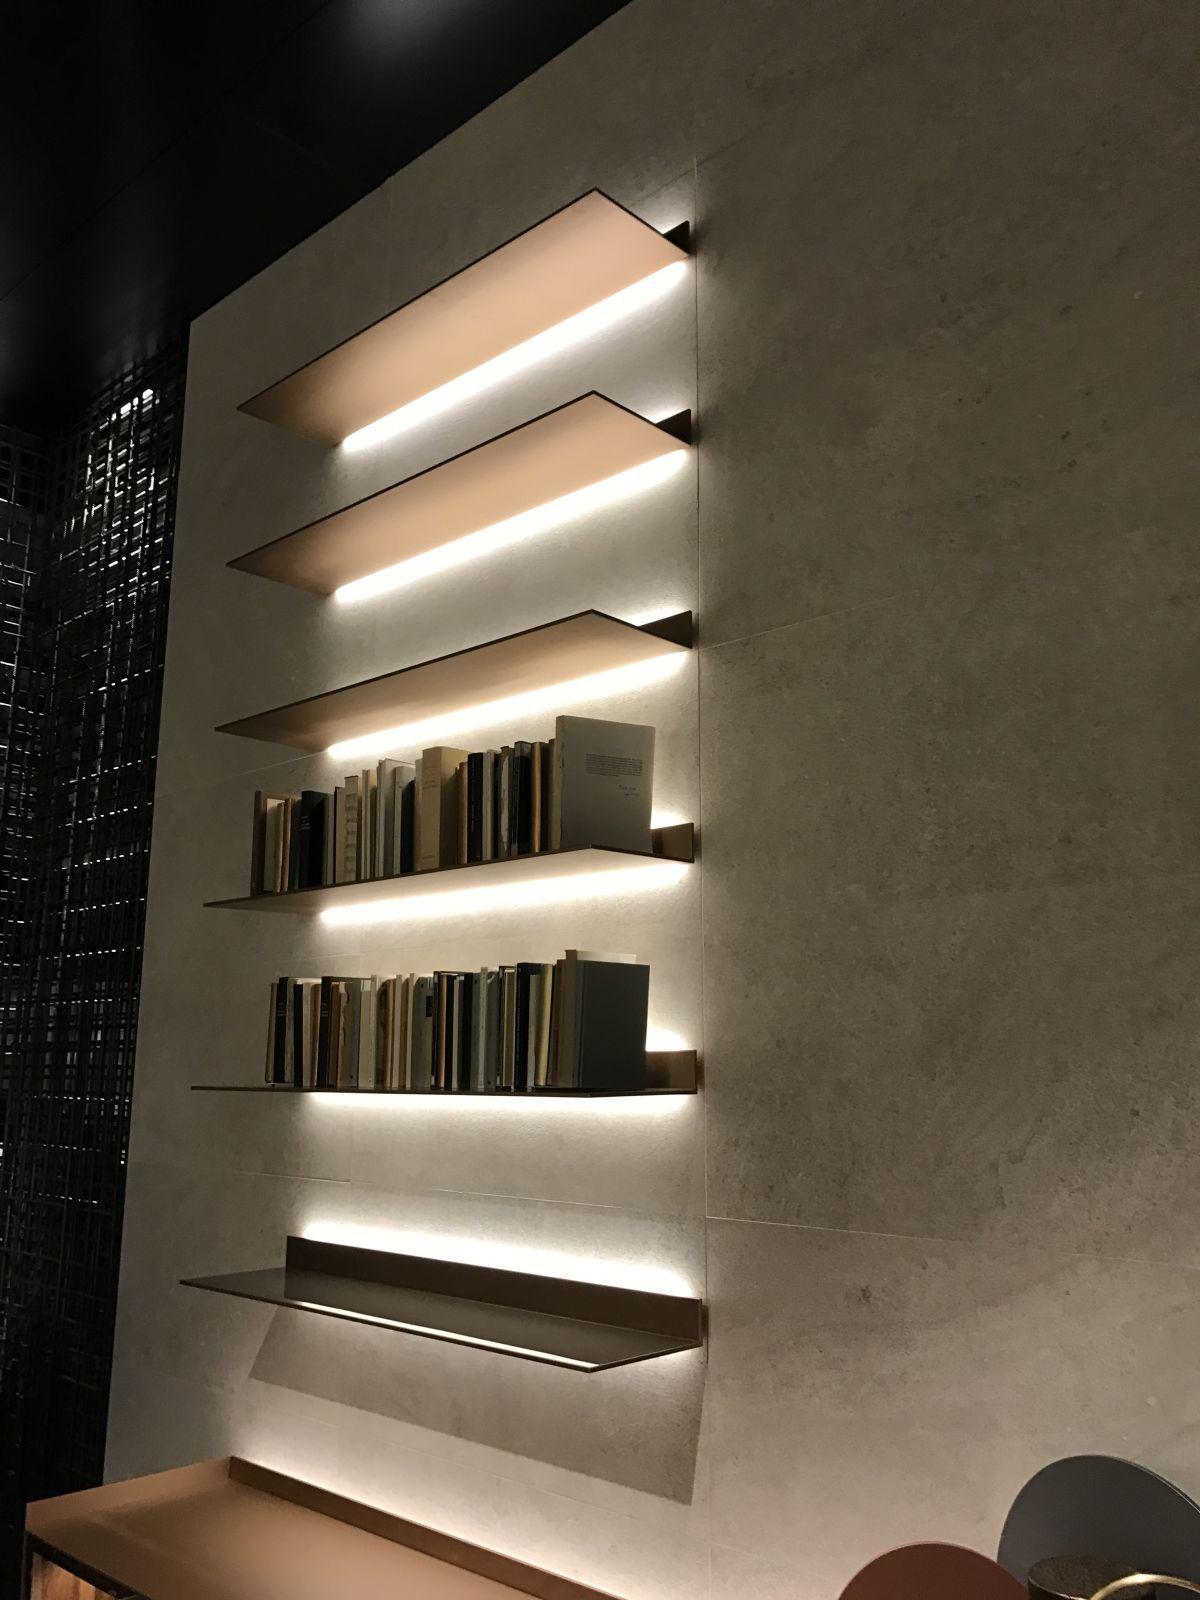 Wie Man Dein Haus Mit Wand Regalen Schnell Neu Erfindet Dekorative Wandregale Wandregal Mit Beleuchtung Wandregale Design